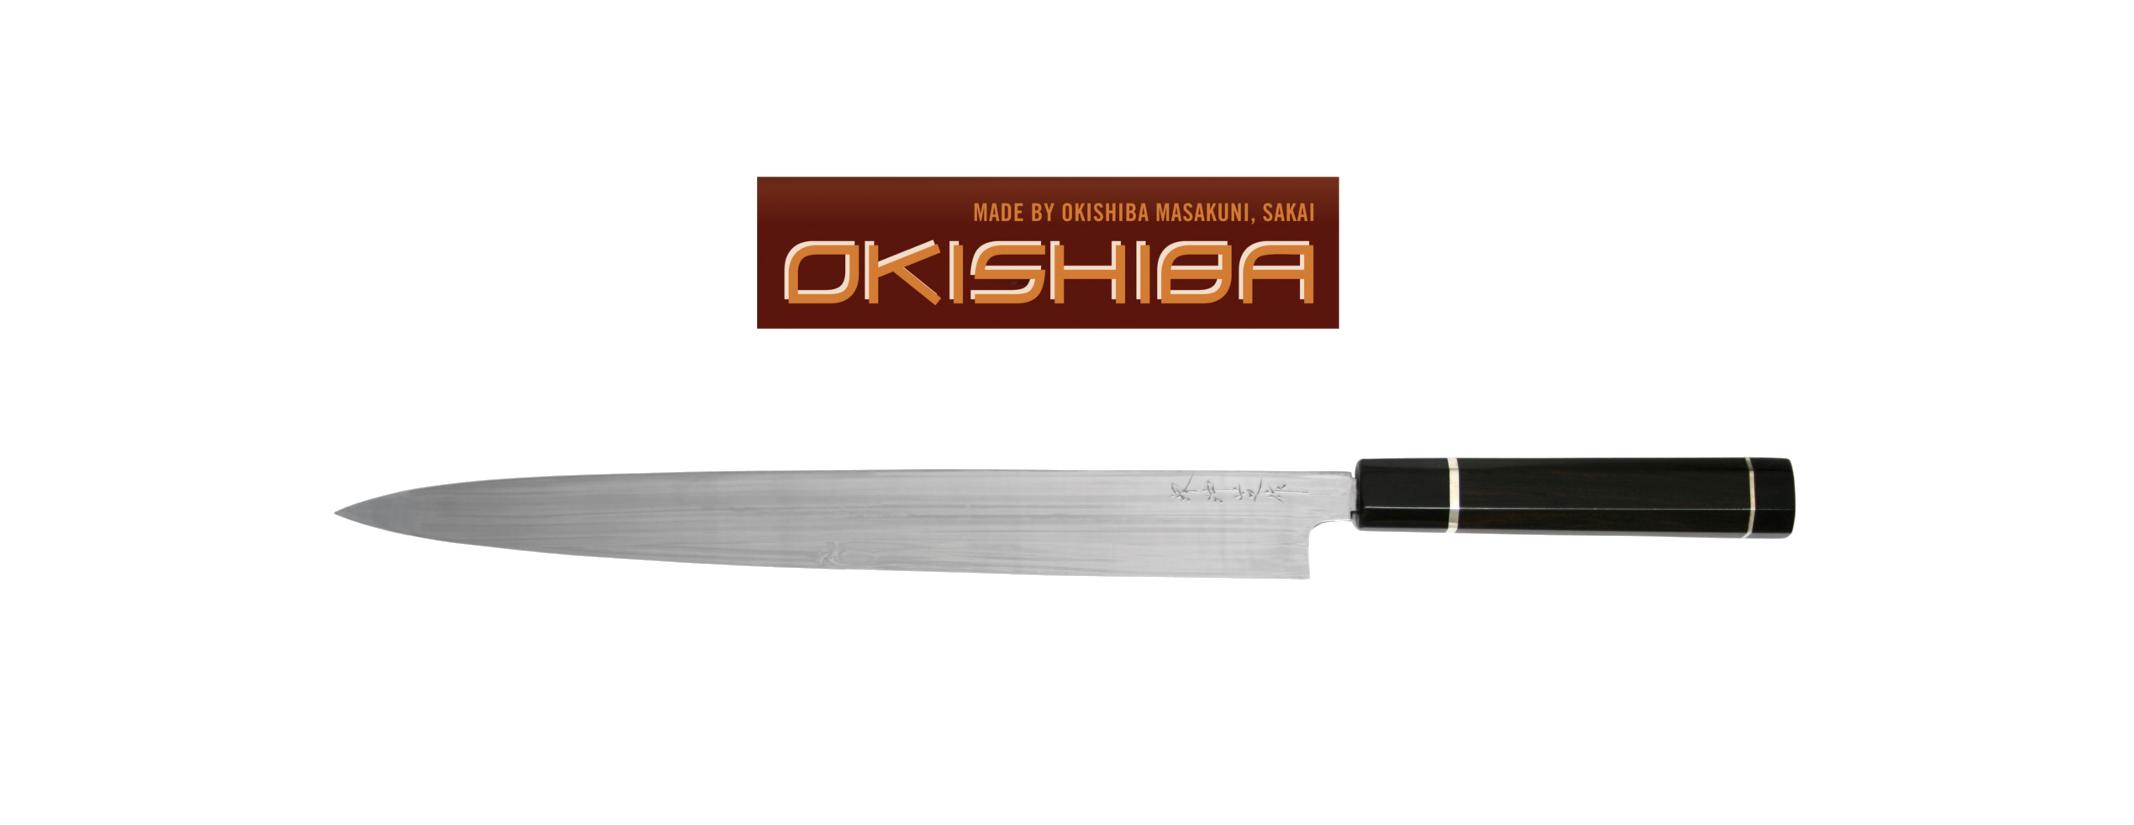 Okishiba Serie - Made by Okishiba Masakuni, Sakai